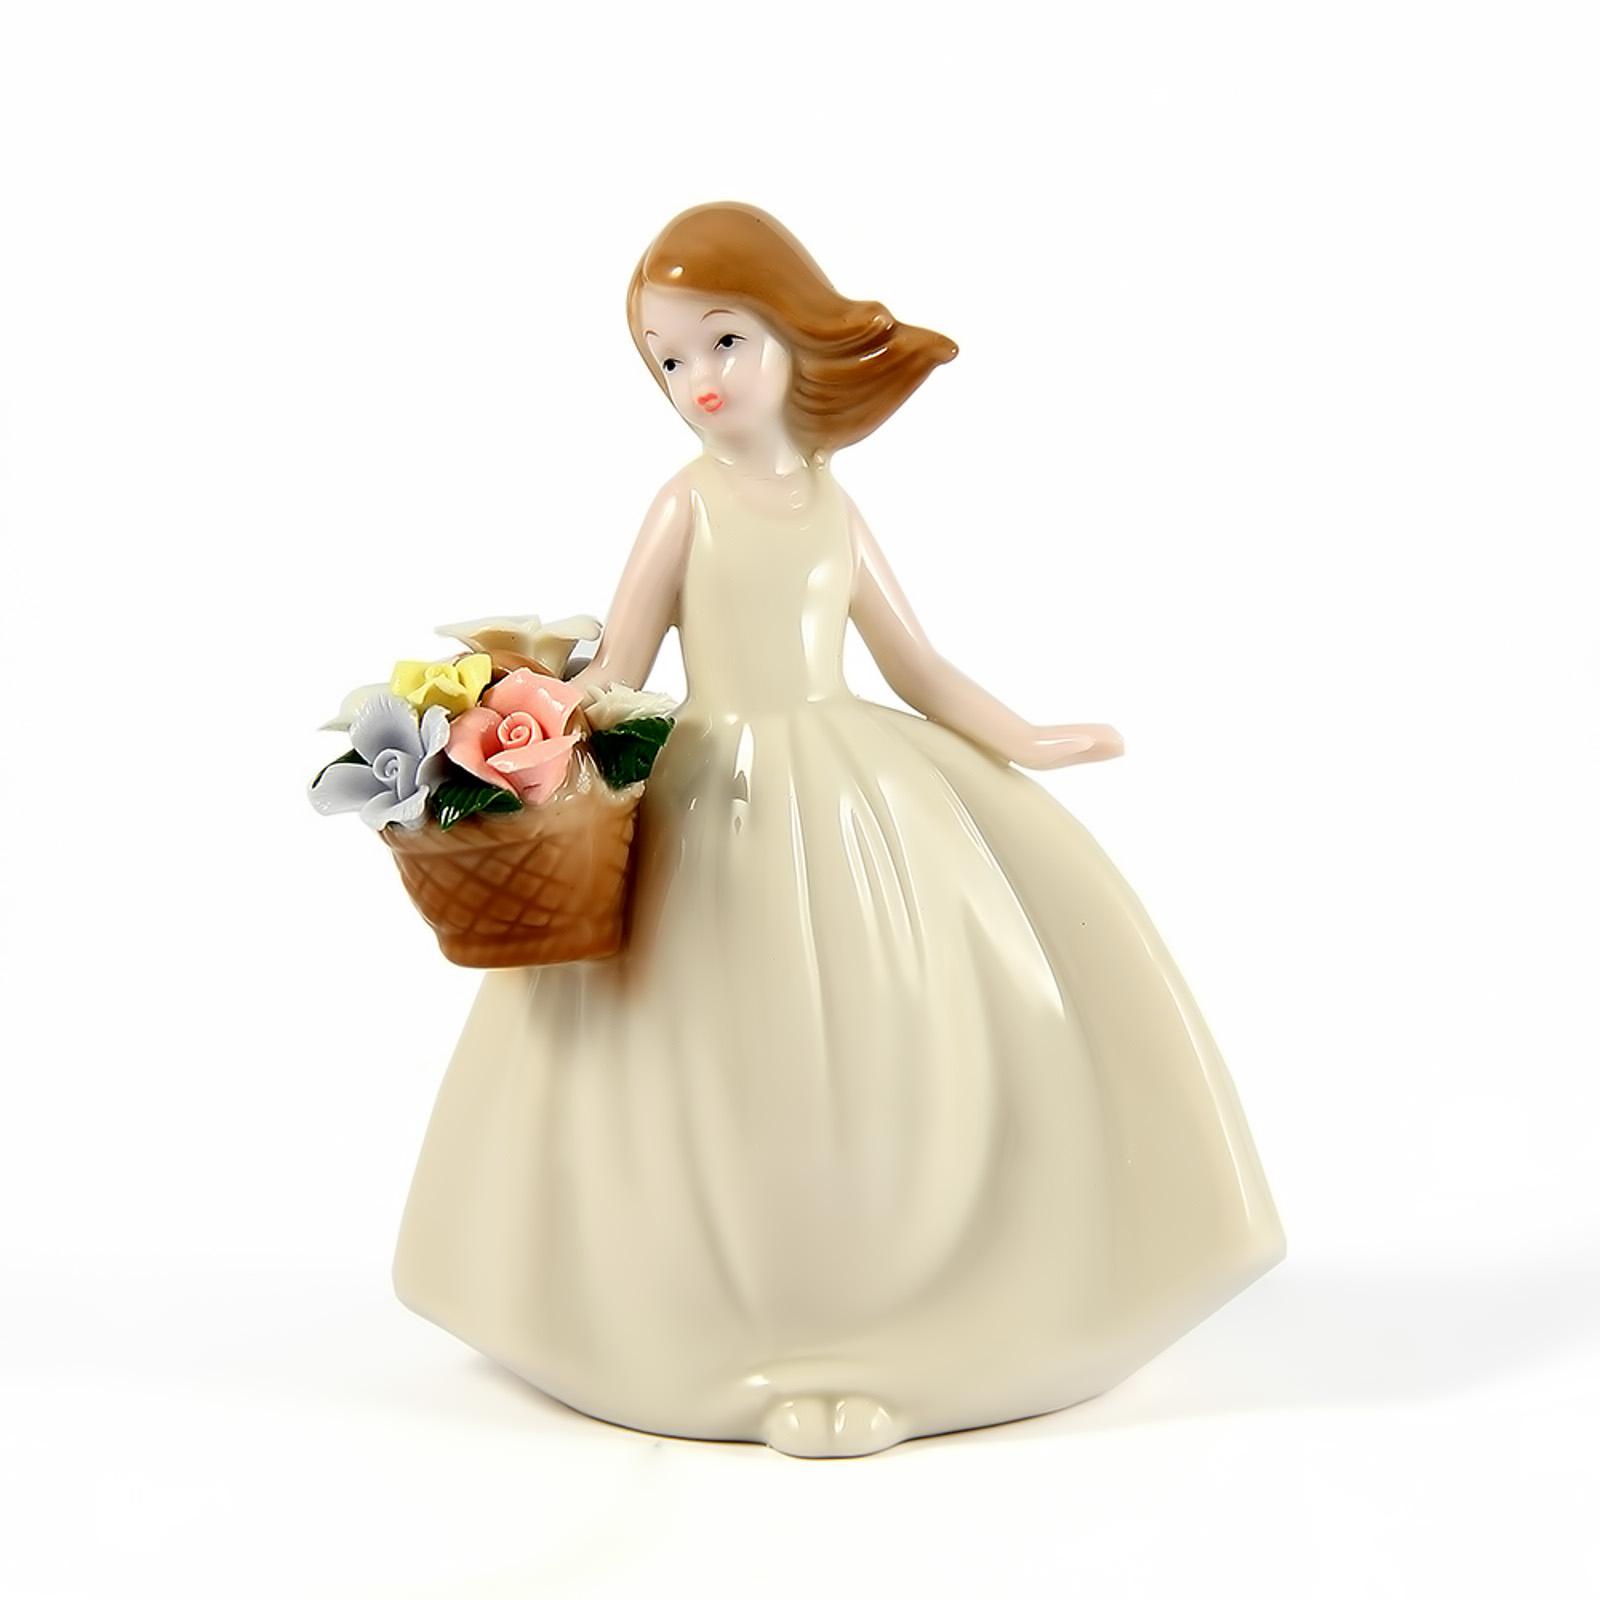 Фигурка фарфоровая «Девочка с корзинкой»